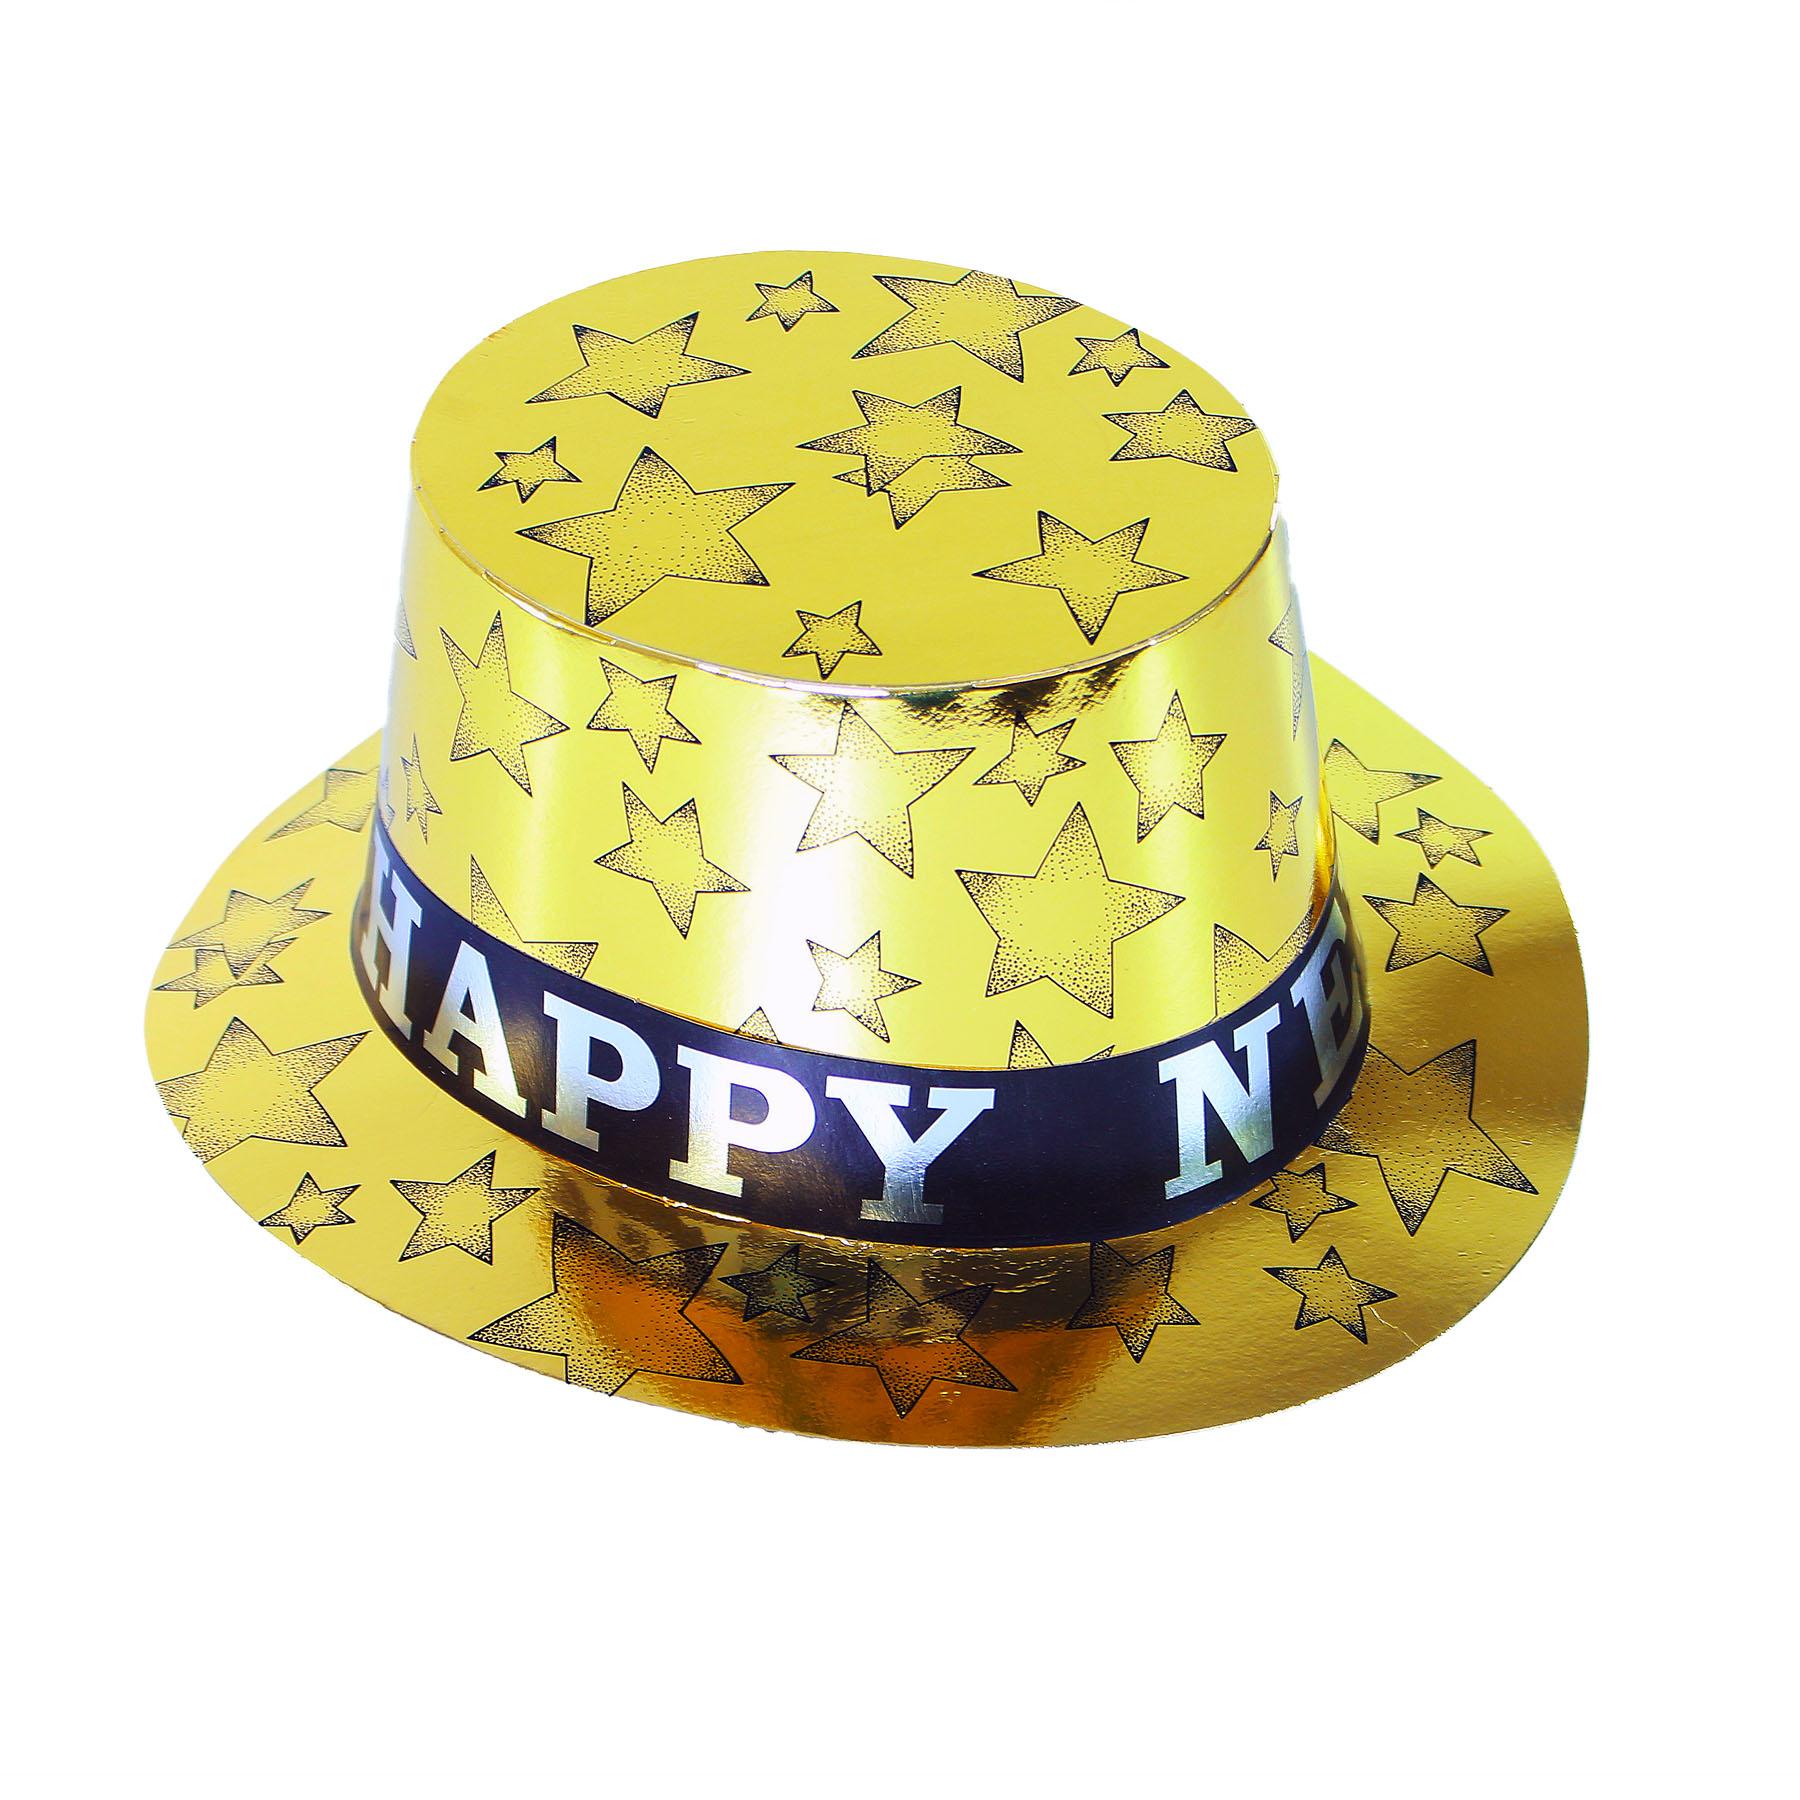 Papírový klobouk zlatý HAPPY NEW YEAR 12 ks v boxu